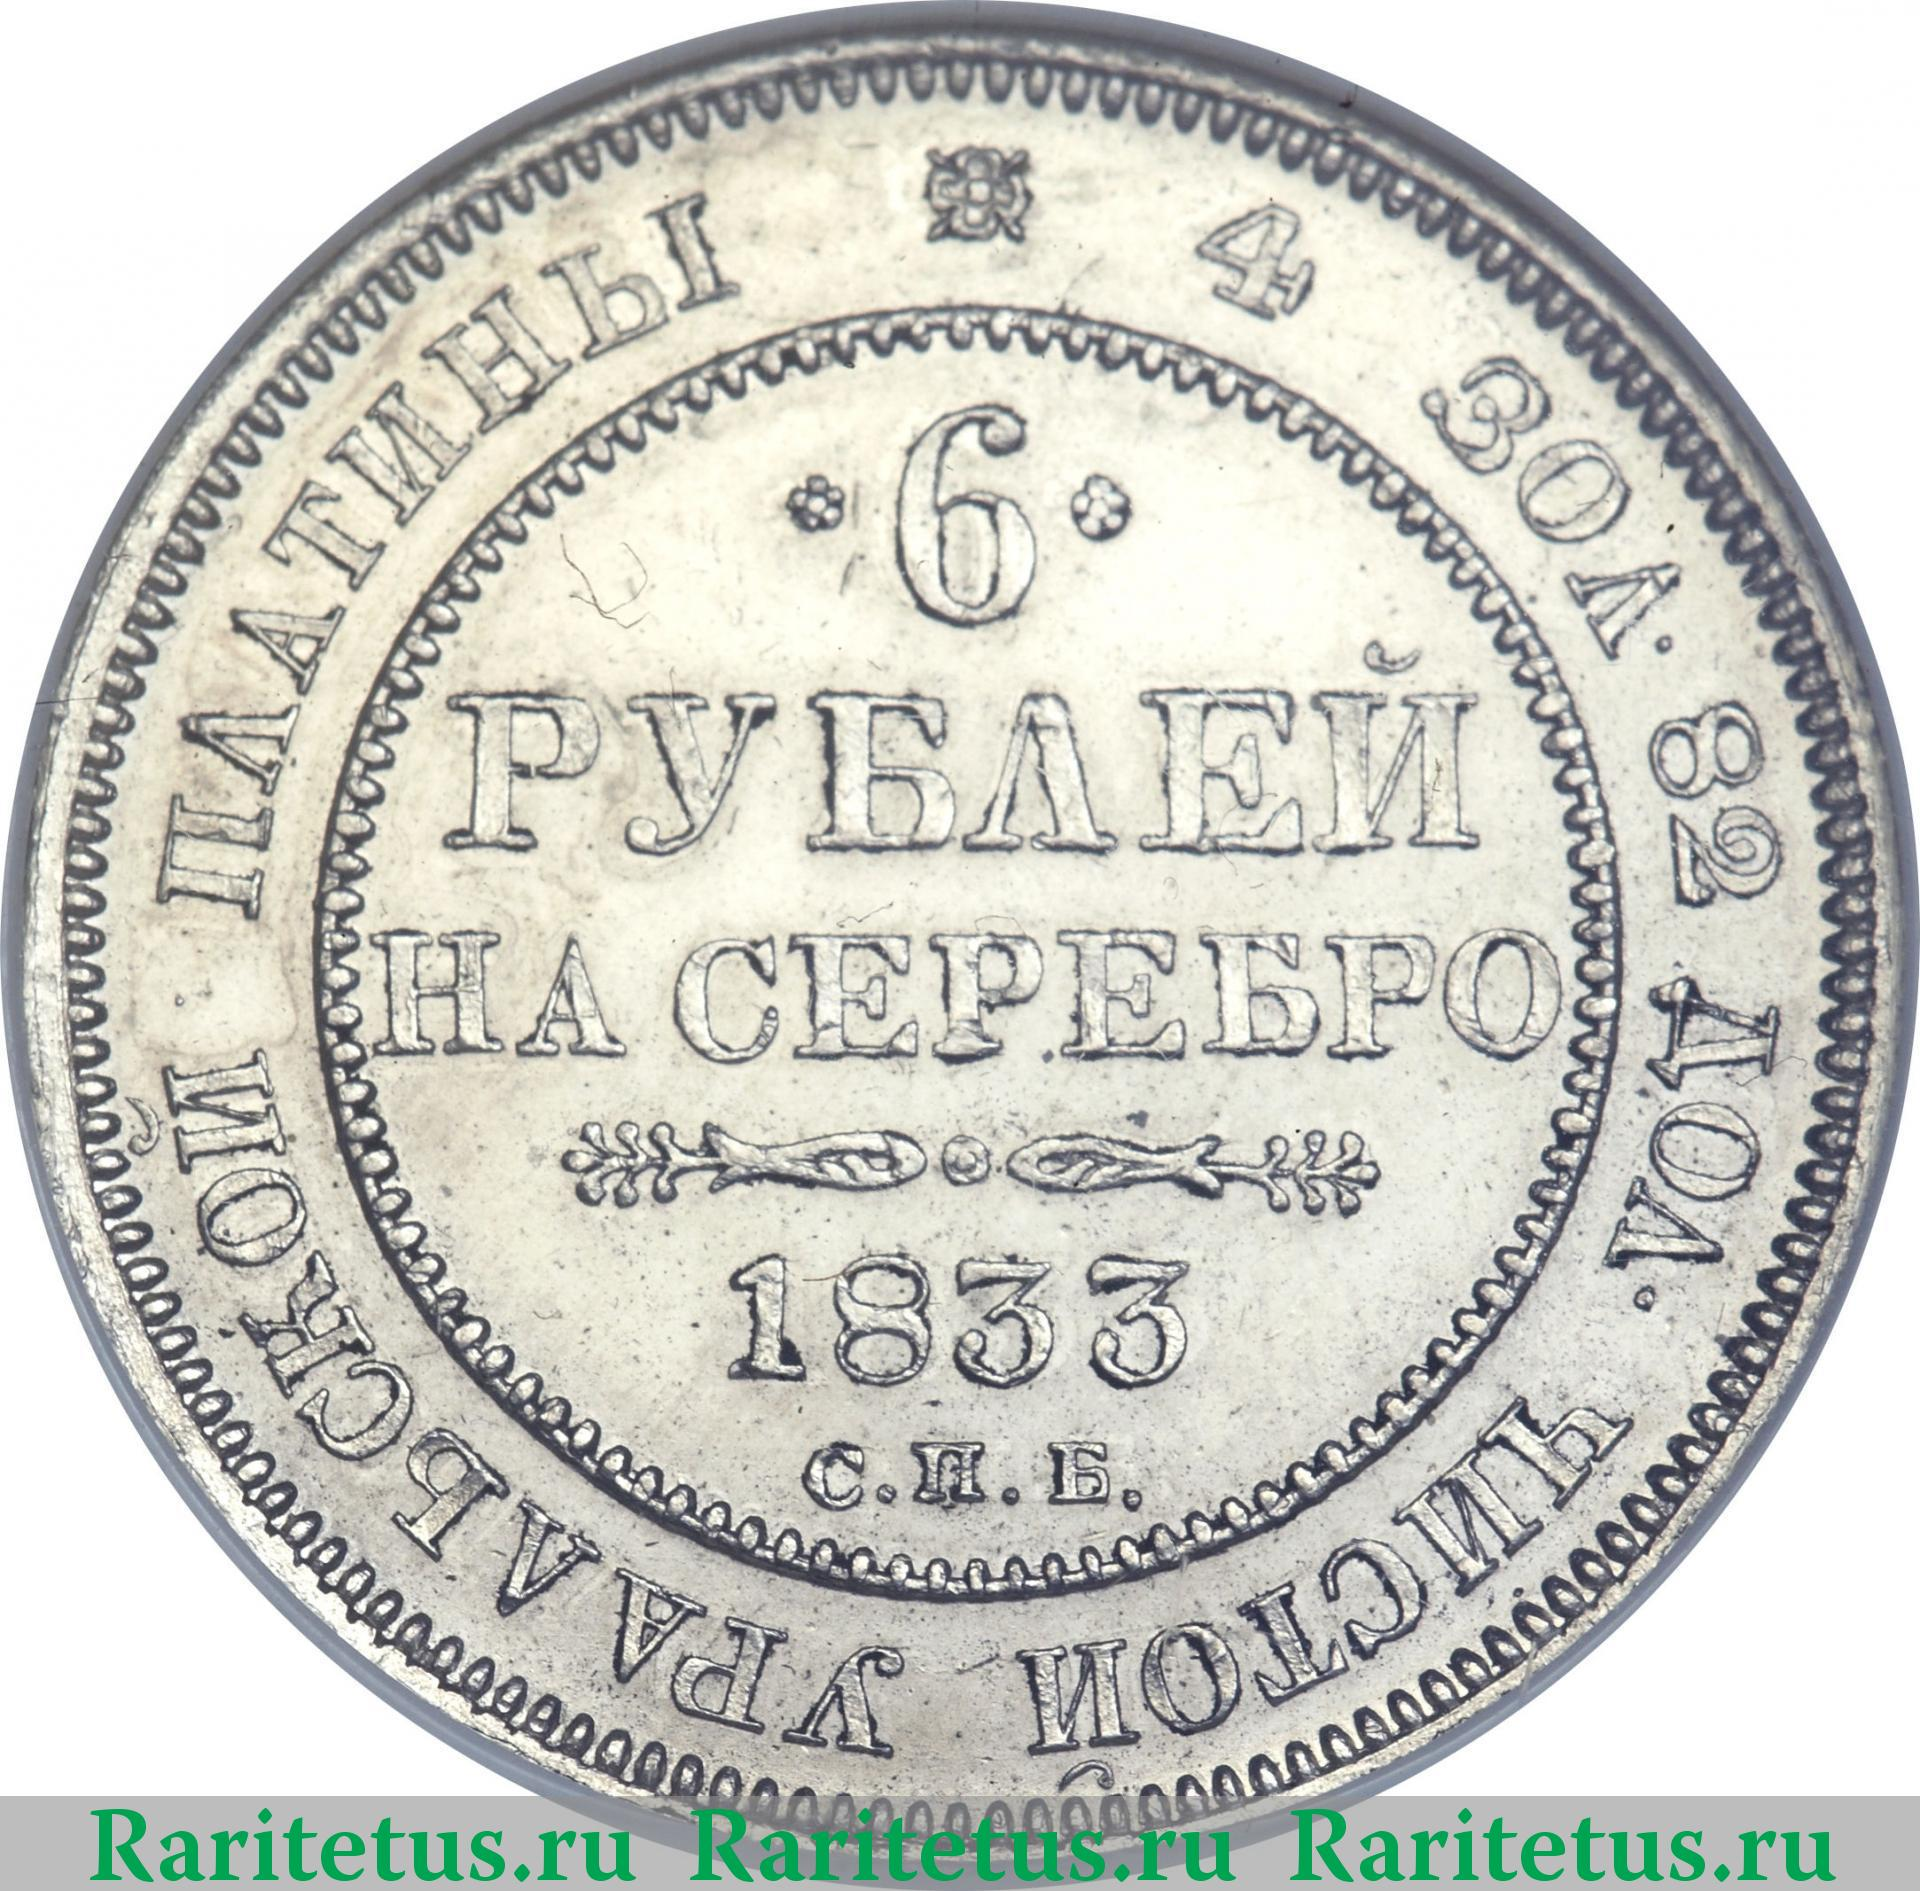 6 рублей 5 рублей 1801 года цена